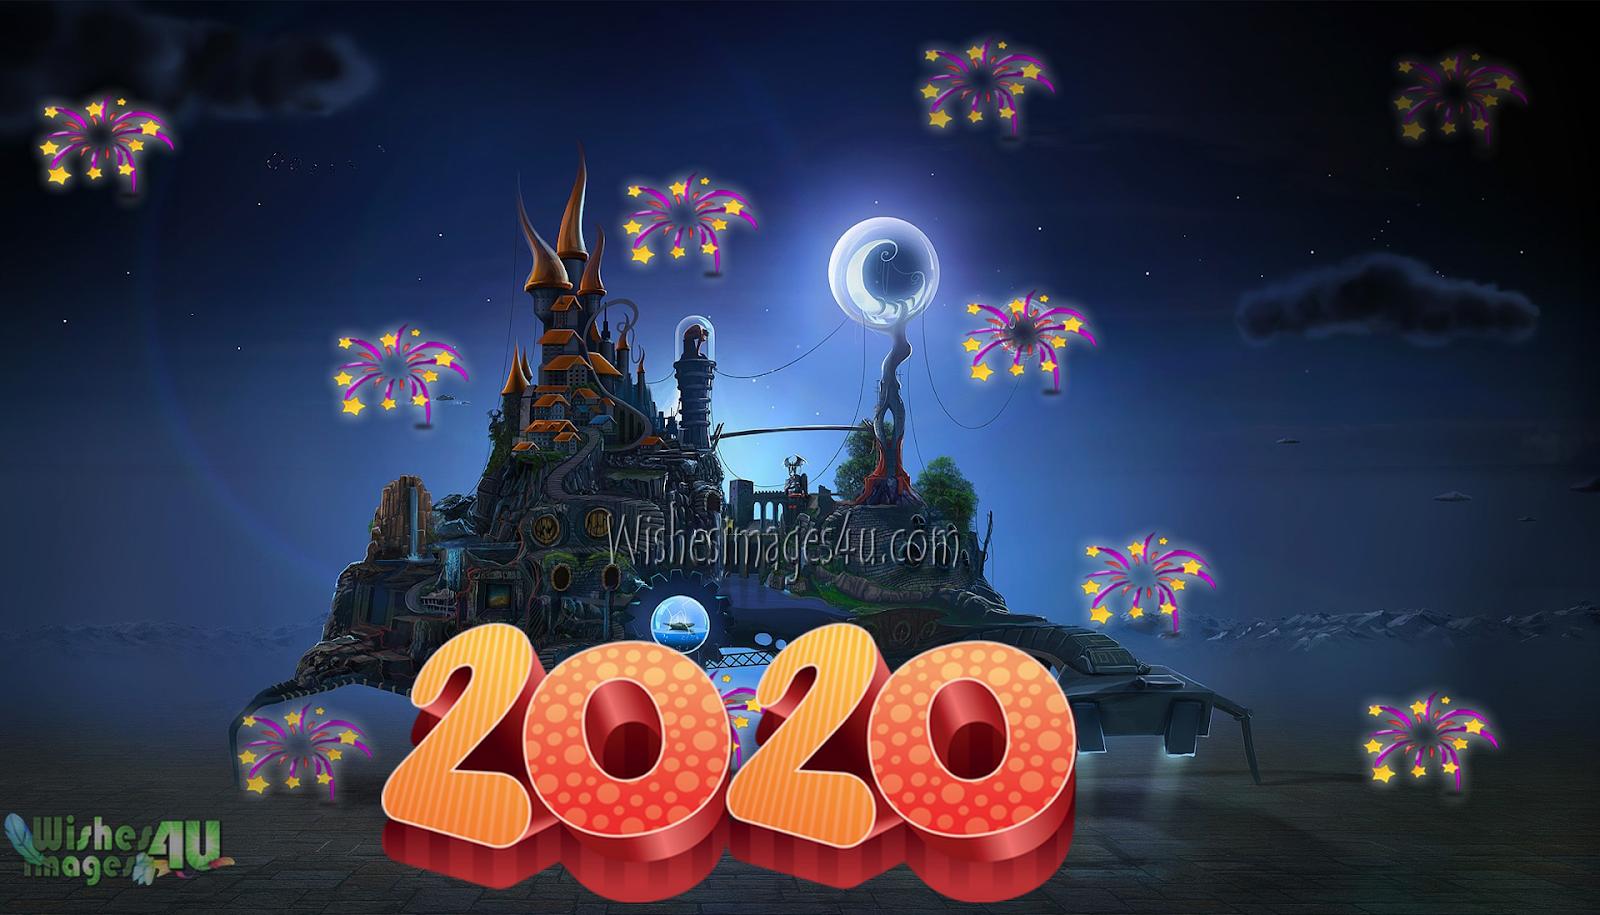 244 2442180 happy new year 2020 desktop 3d wallpapers happy